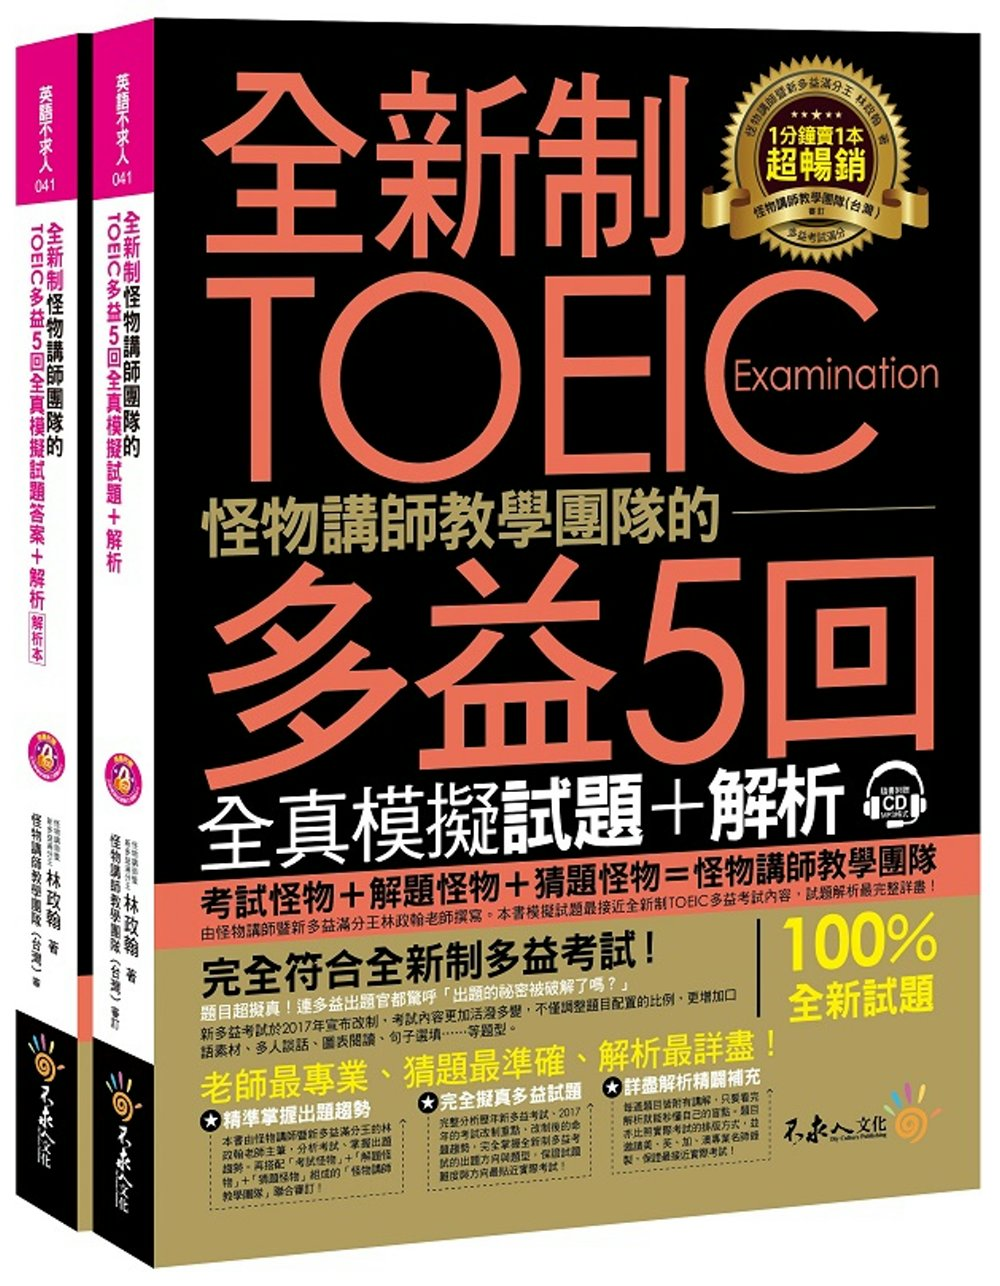 全新制怪物講師教學團隊的TOEIC多益5回全真模擬試題+解析(附1MP3+防水書套)